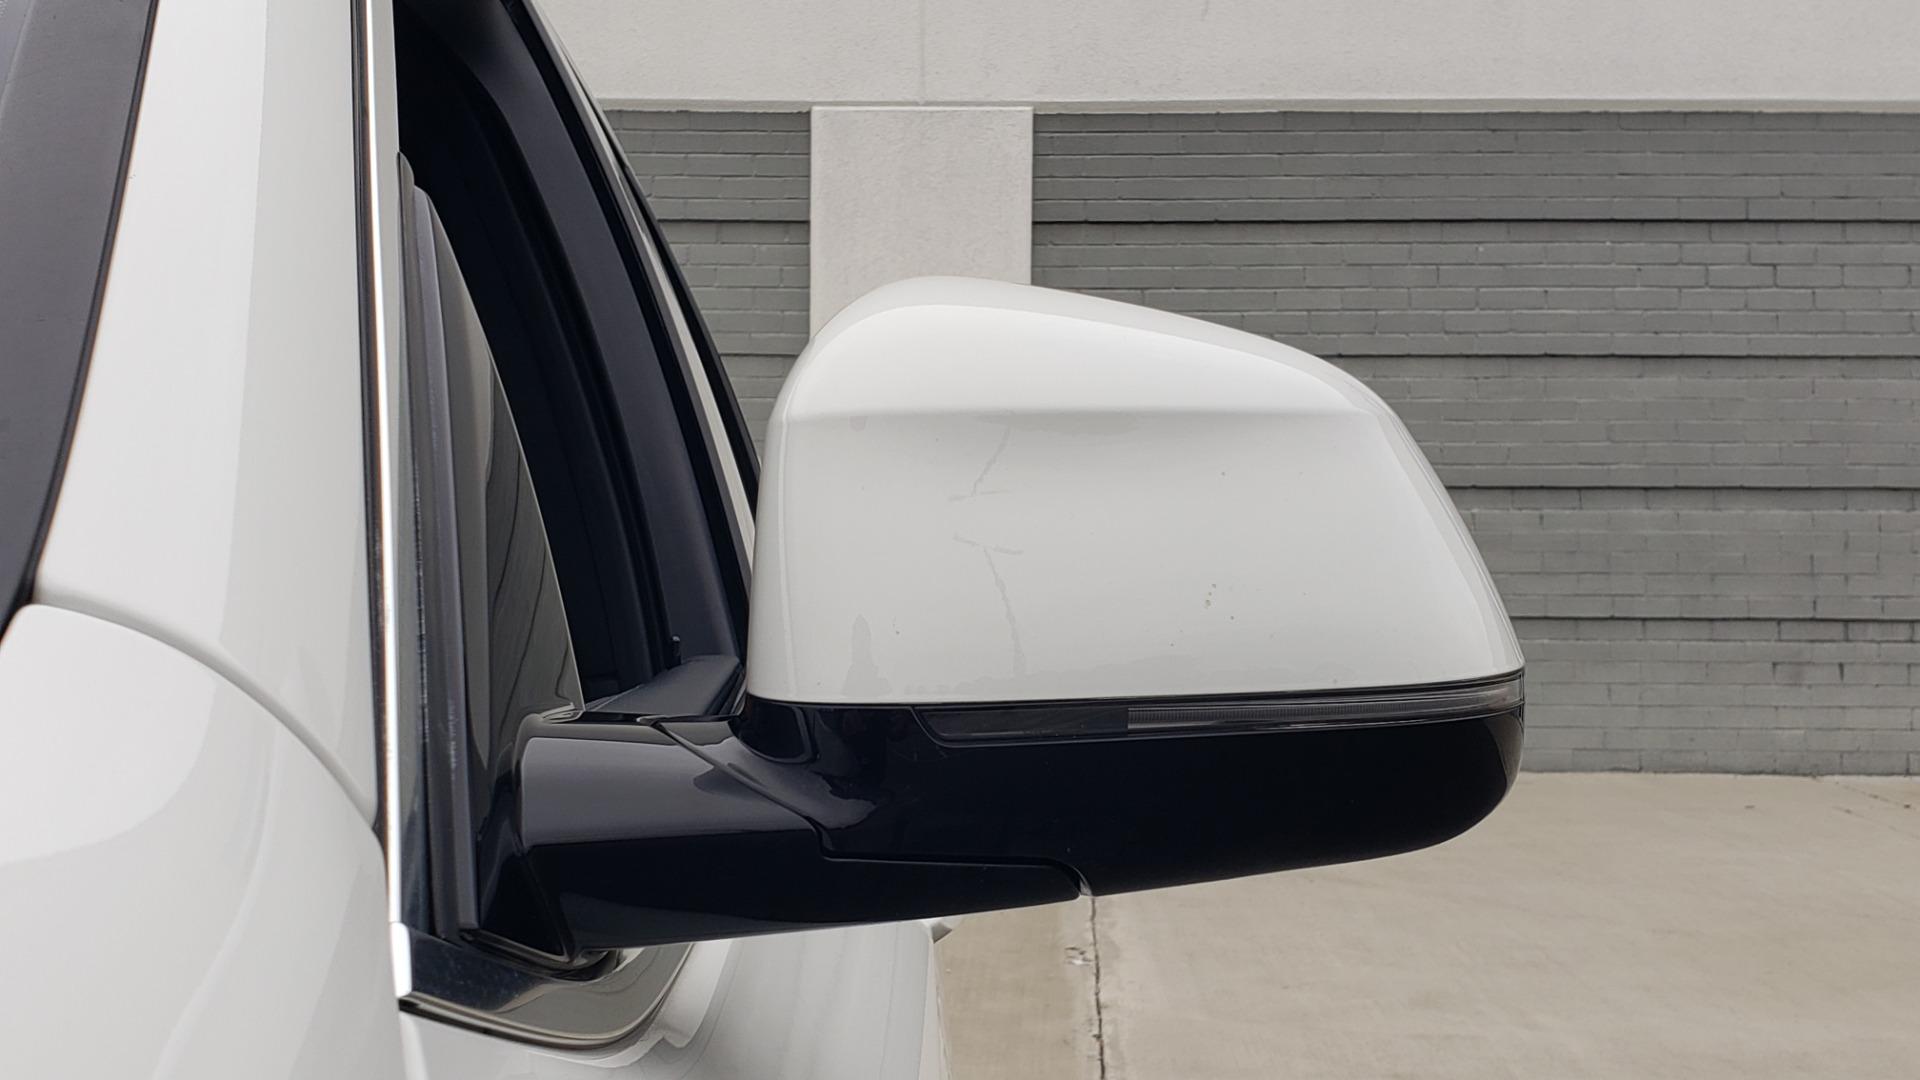 Used 2018 BMW X3 XDRIVE30I / LUX PKG / PREM PKG / CONV PKG / PDC / APPLE CARPLAY for sale Sold at Formula Imports in Charlotte NC 28227 27